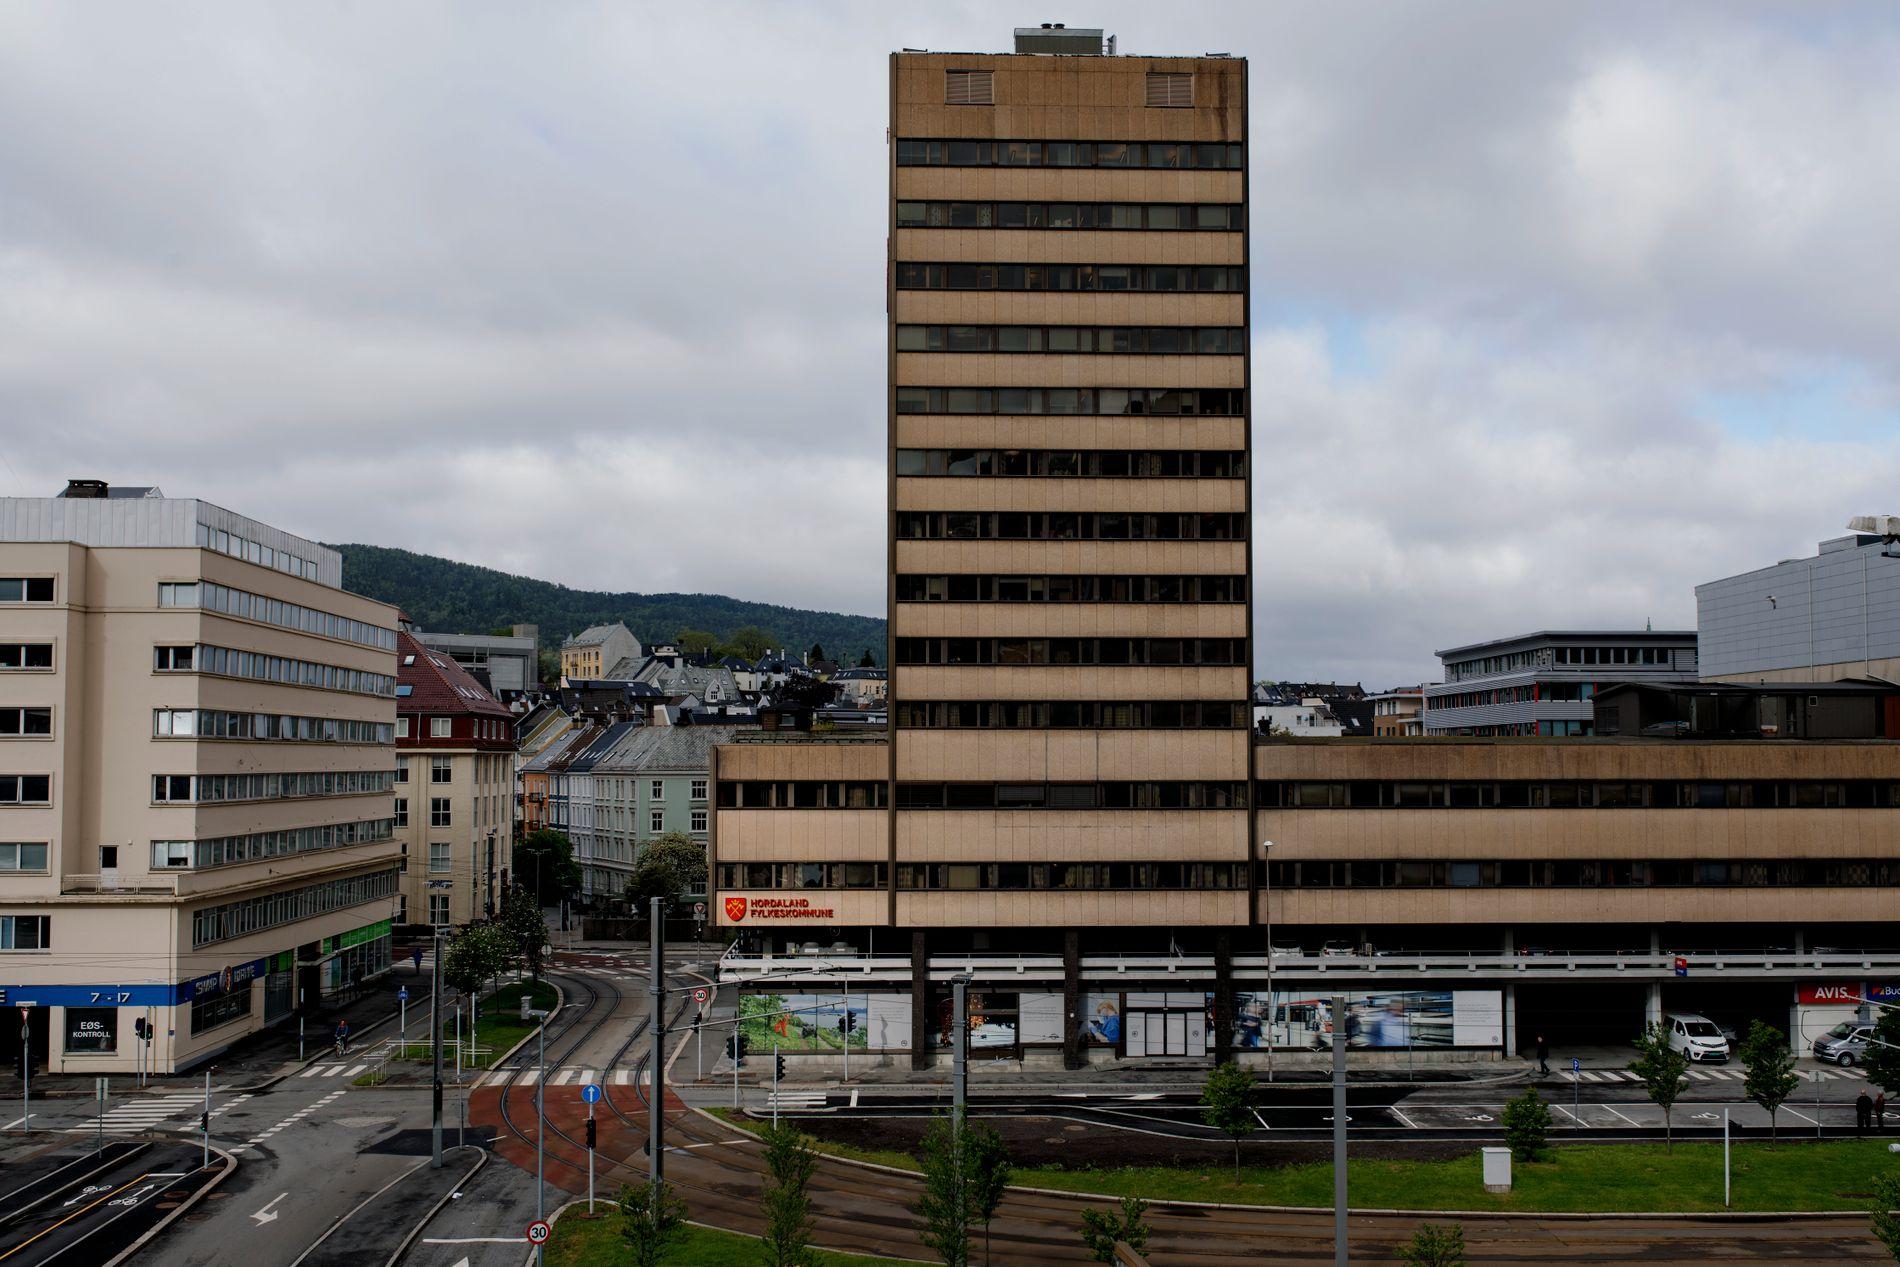 FYLKESHUSET: Om det nye fylkestinget klarer balansegangen mellom by og land, kan Vestland bli en positiv kraft til beste for folket i vest, mener Bergens Tidende.